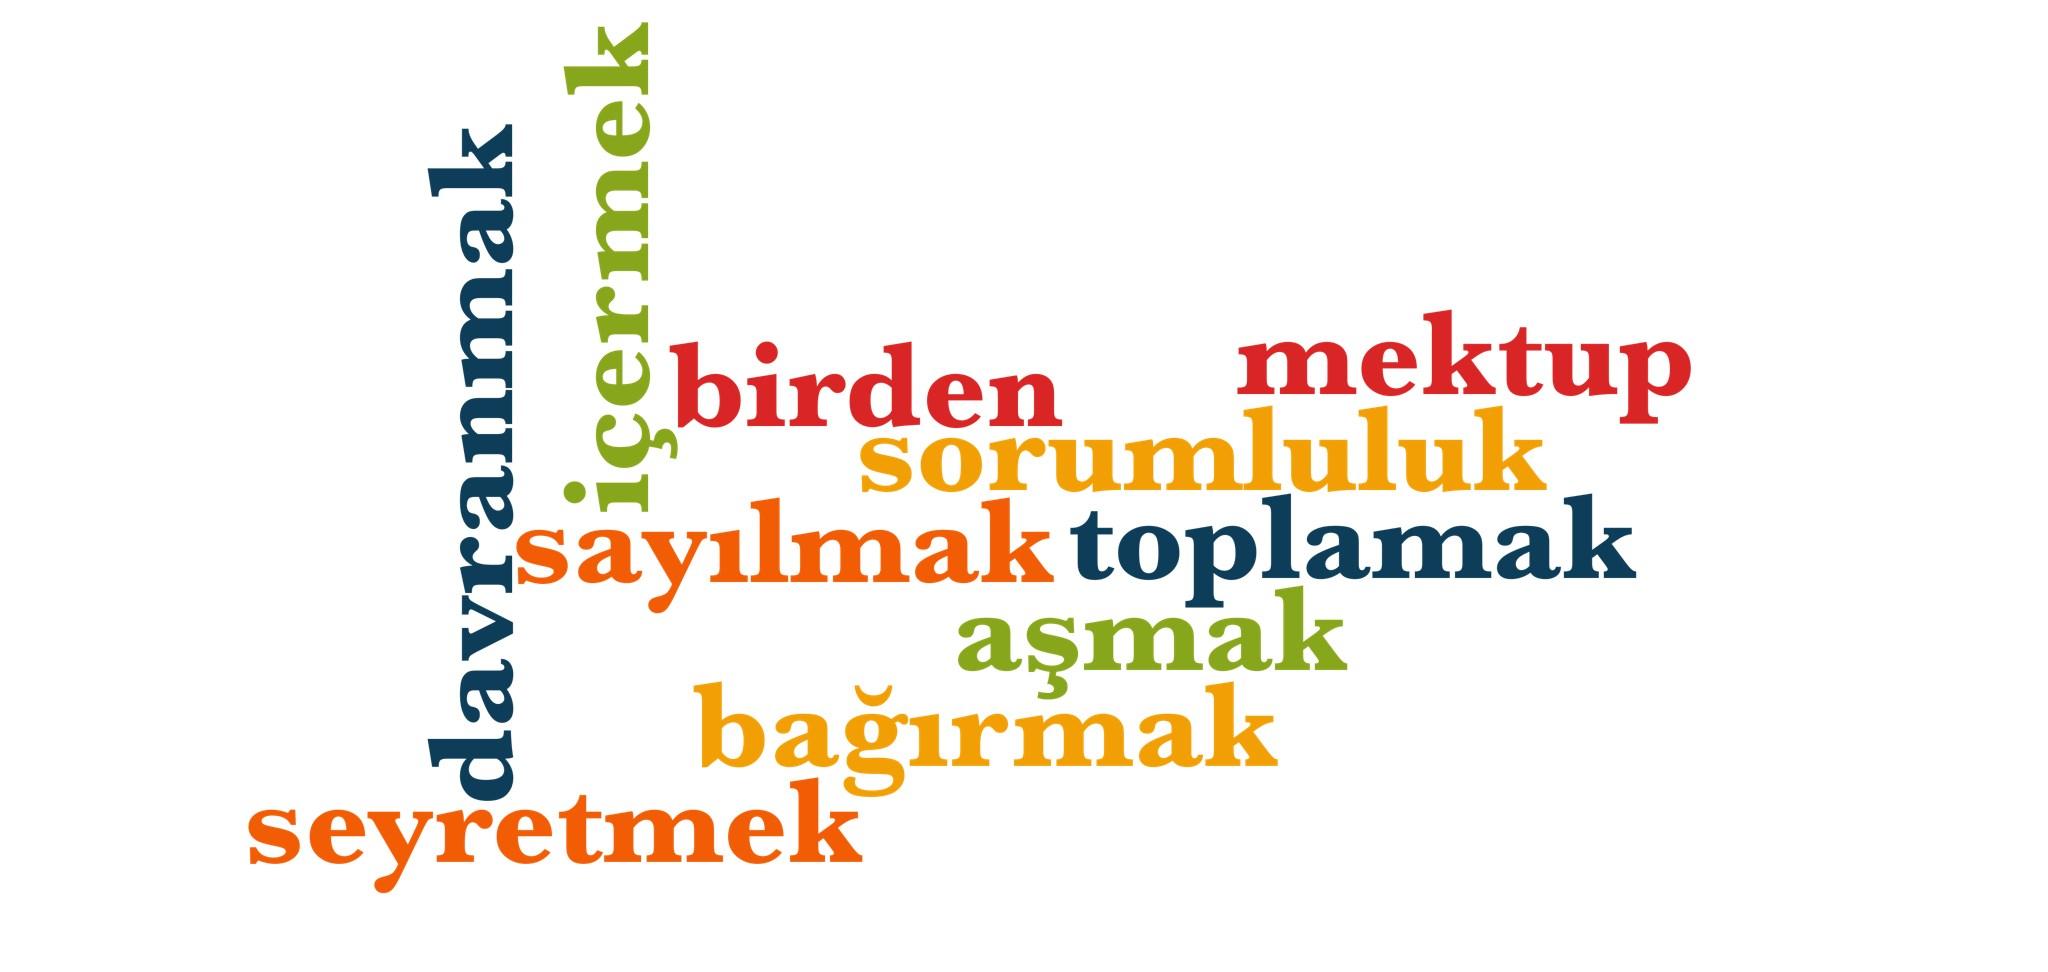 Wörter 661 bis 670 der 1000 häufigsten Wörter der türkischen Sprache